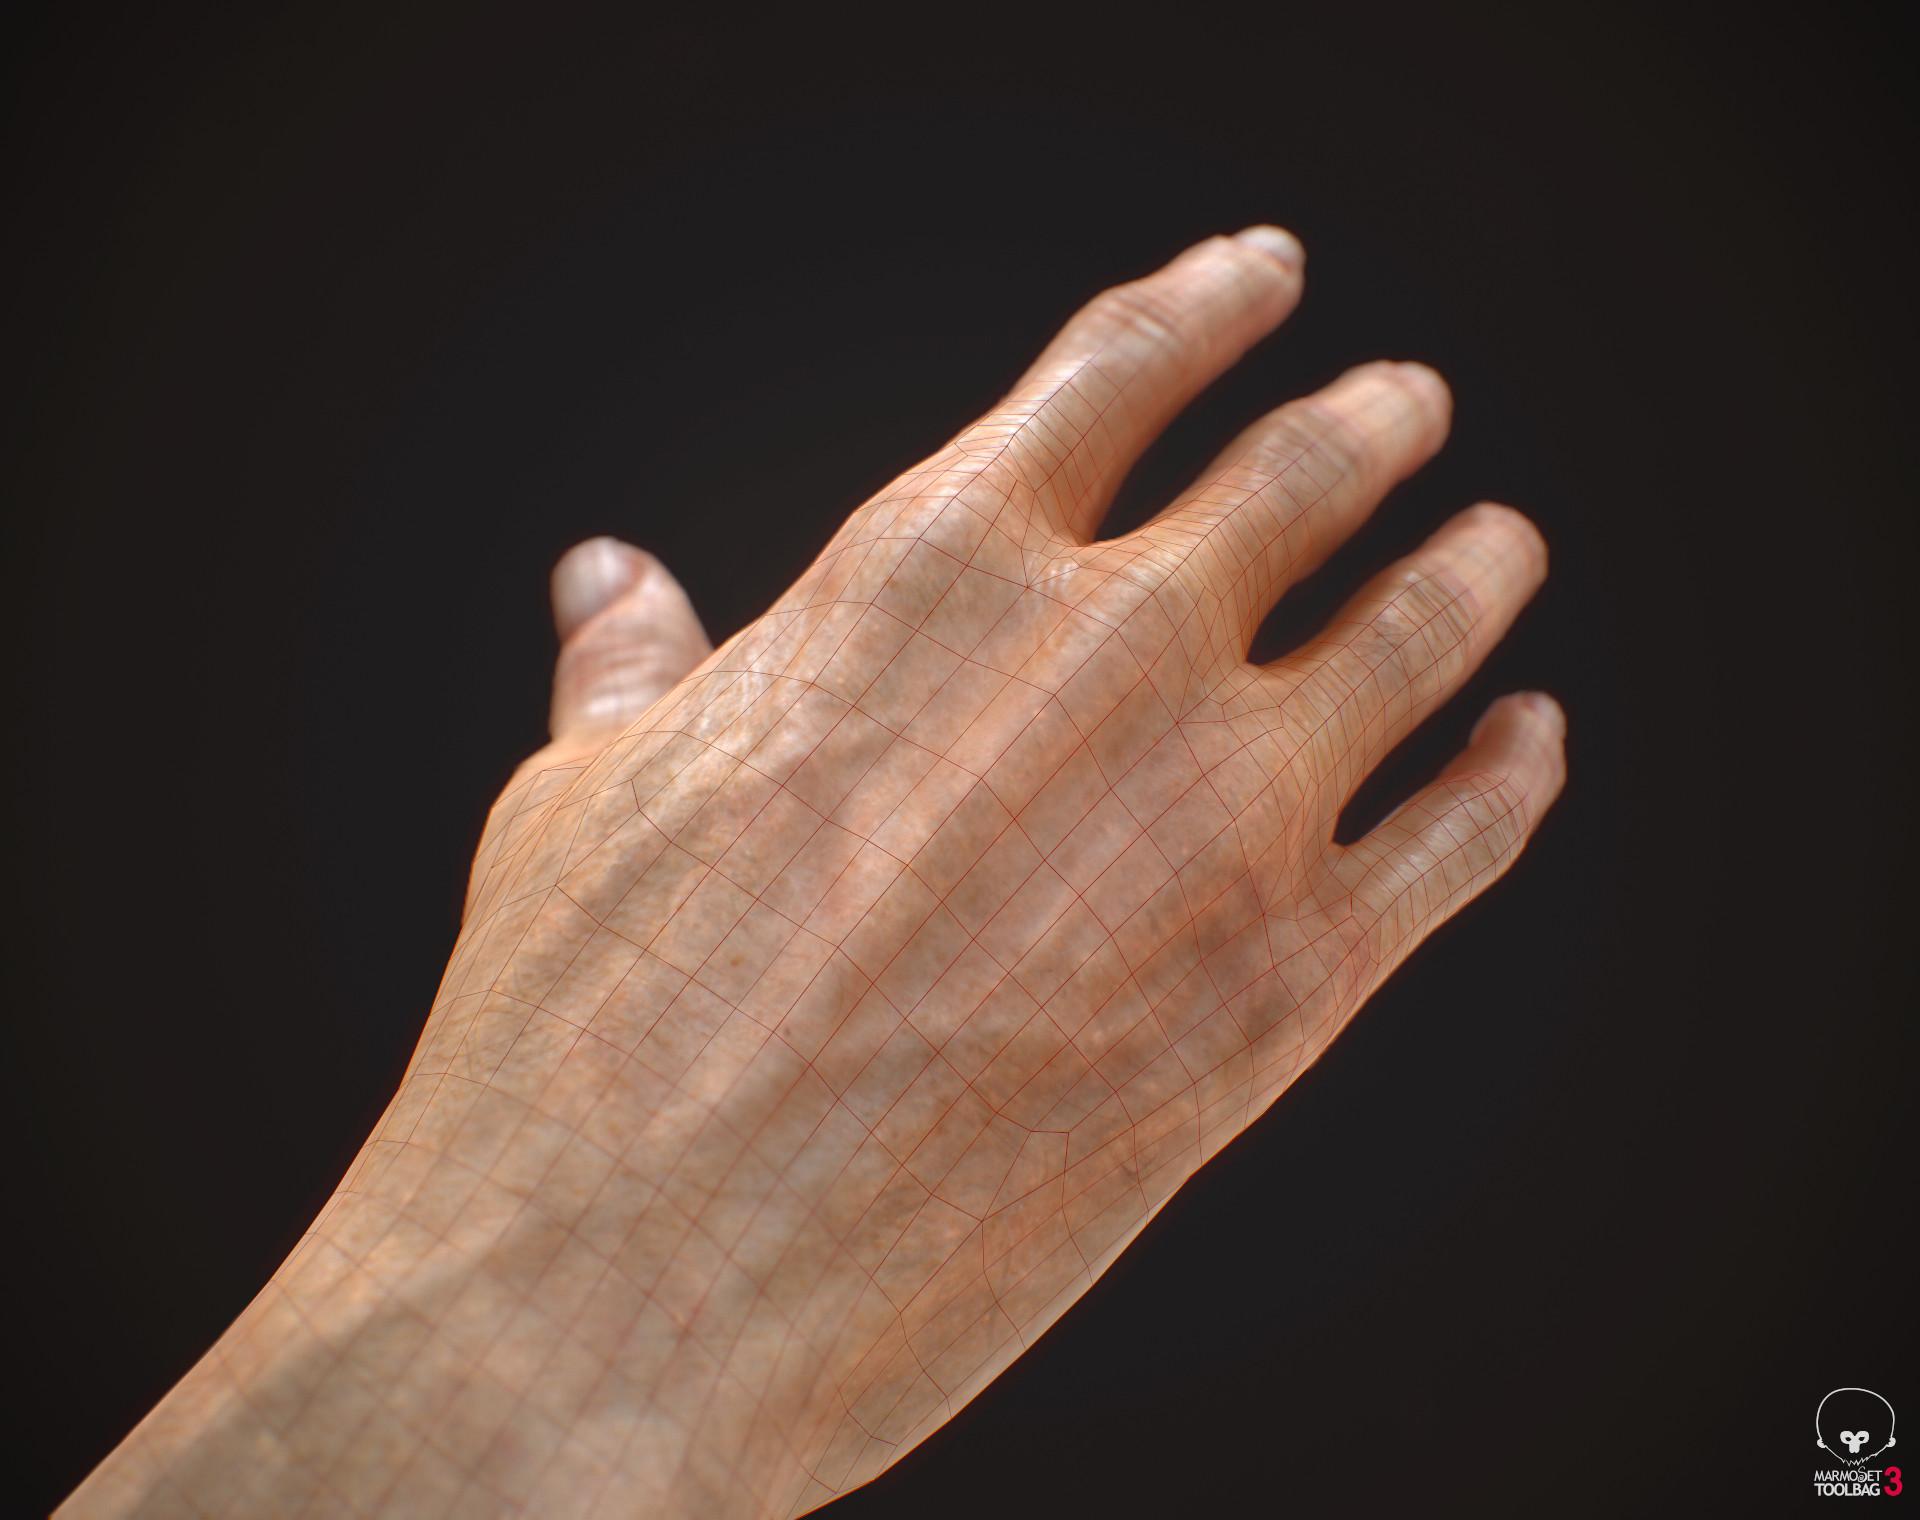 Federico abram vr hand 04